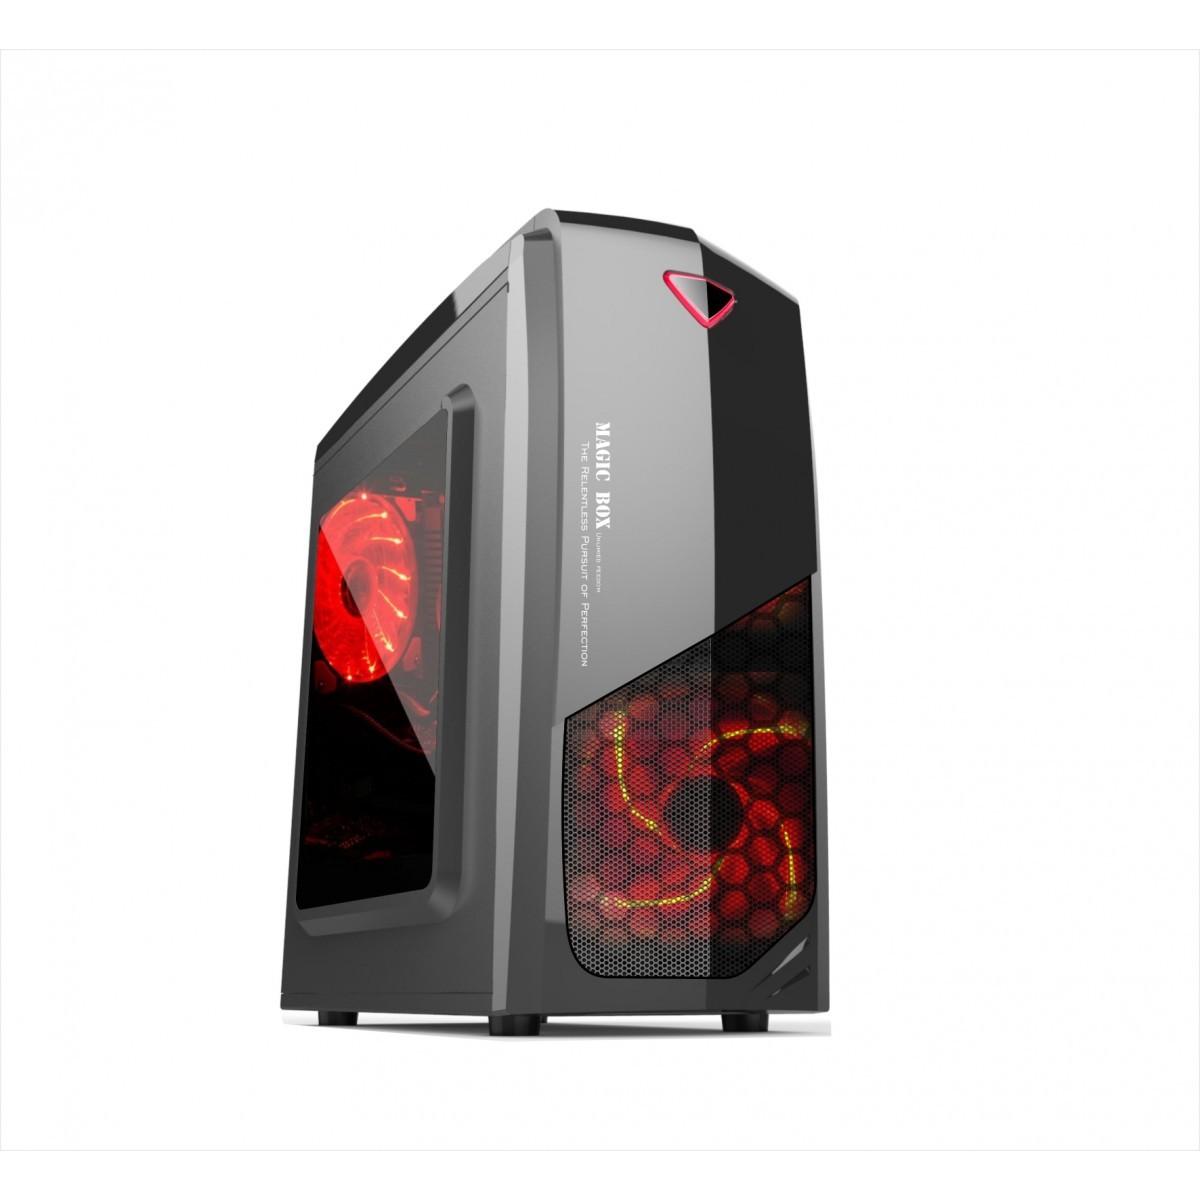 Gabinete Gamer ATX Newdrive G1903 Sem Fonte com 4 Coolers 12cm Preto com leds vermelho Sem baia